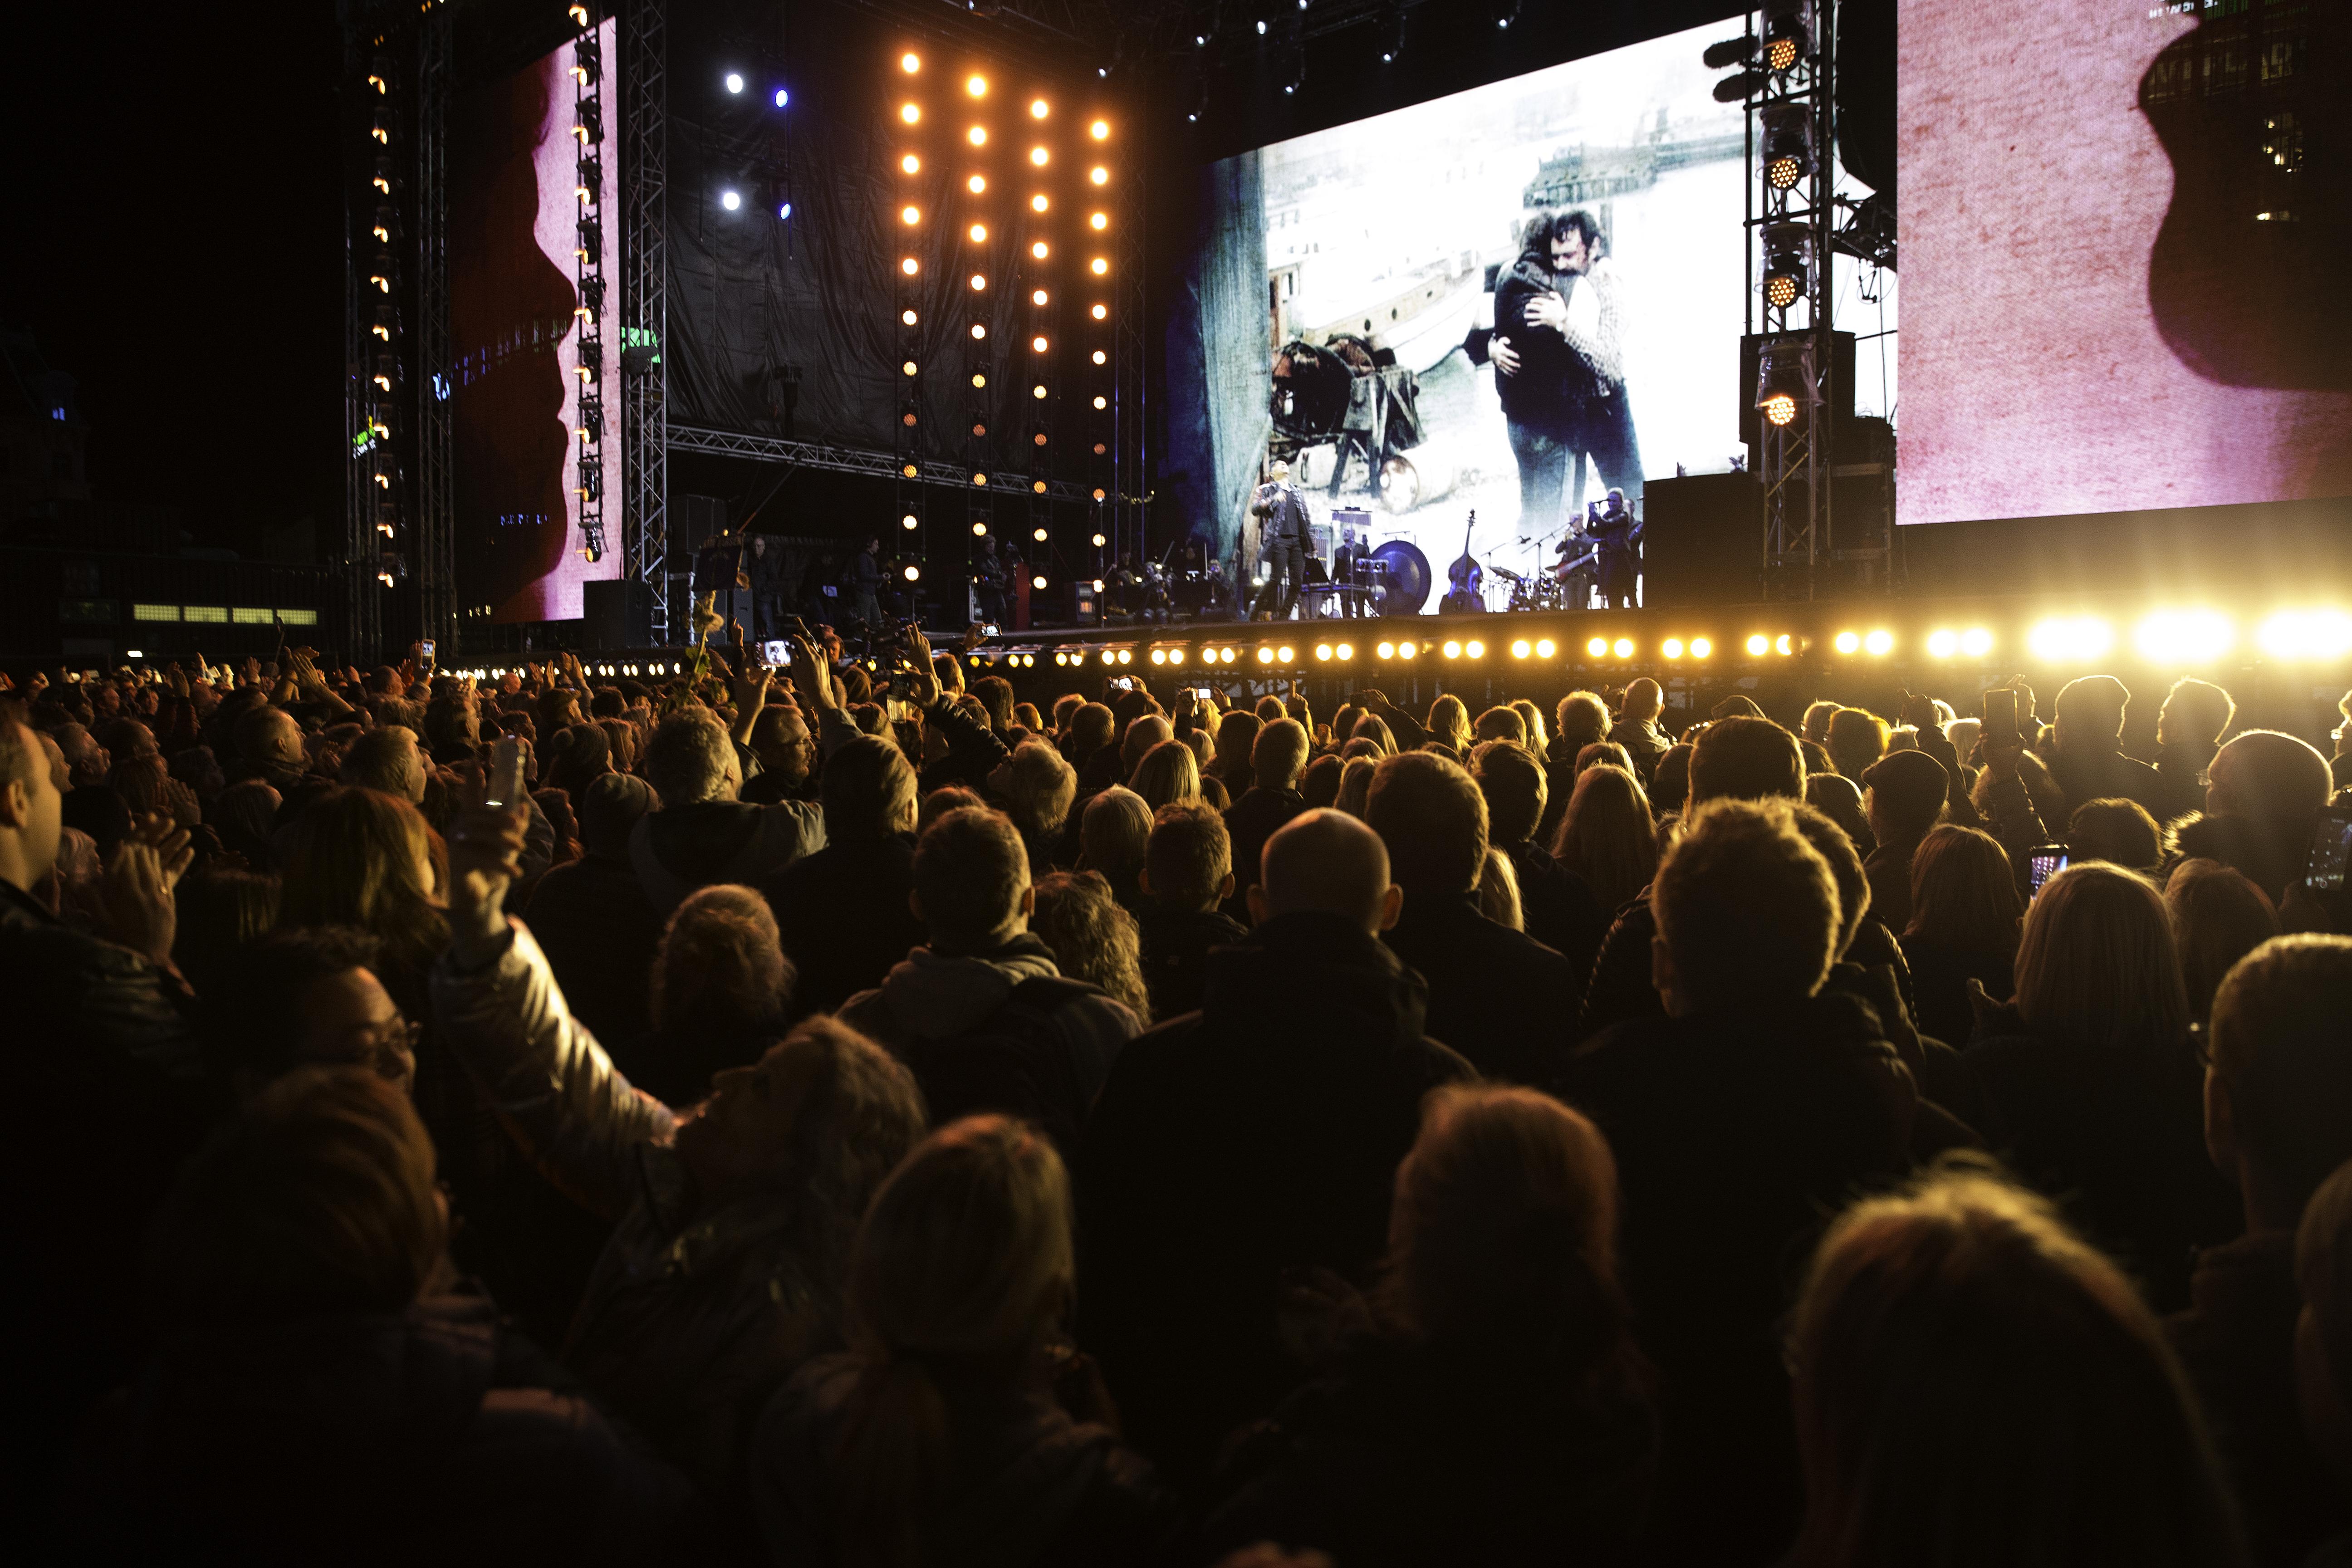 Som et strejf af en dråbe - Danmark synger farvel til Kim Larsen